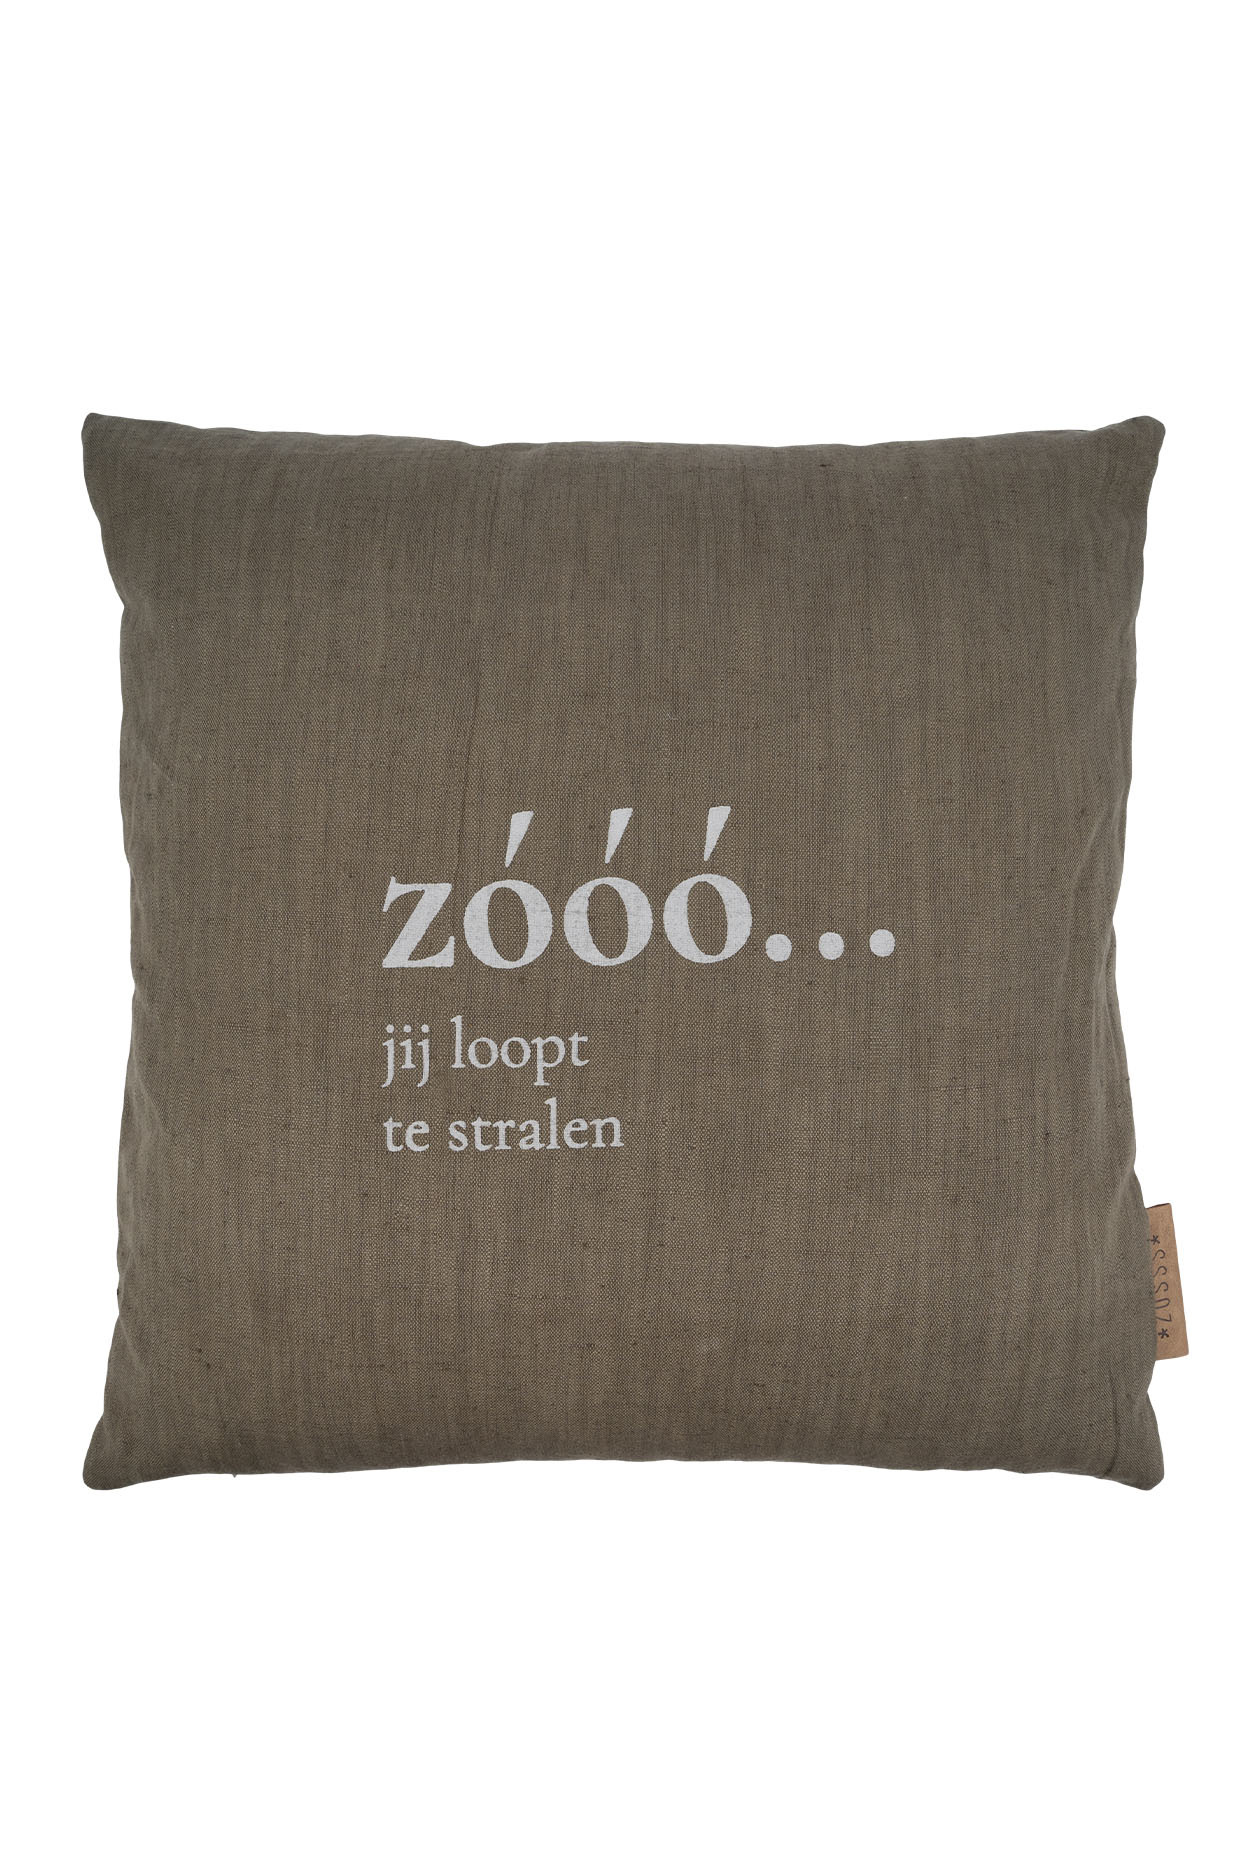 """Kussen """"Zóóó""""  45x45cm - Groen - Zusss"""